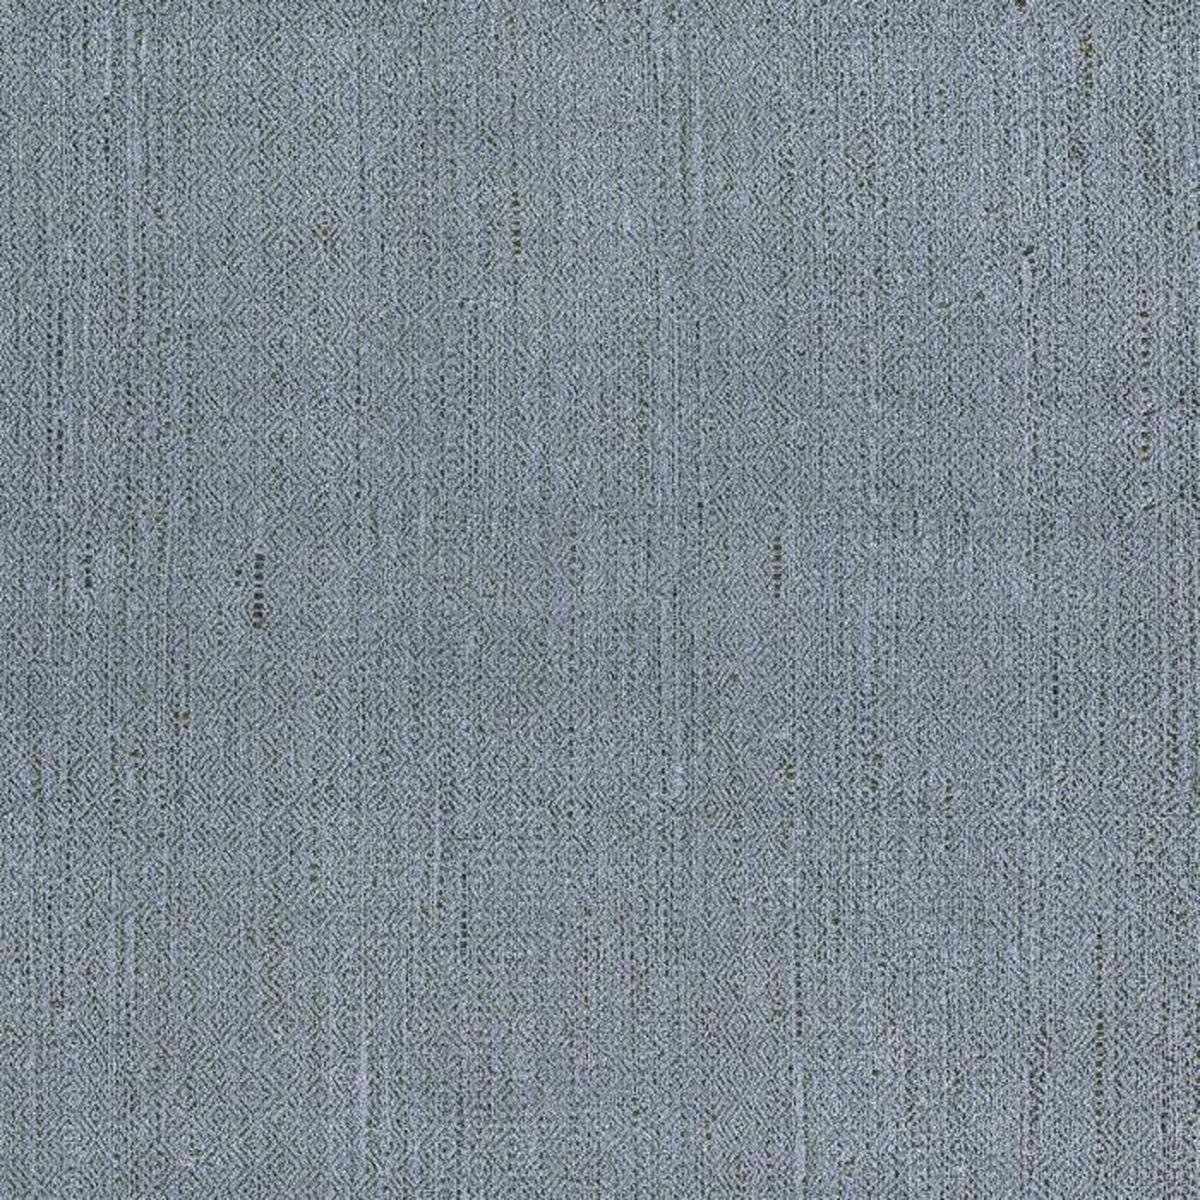 Ethnique Intisse Papier Peint Muze 200 302 Aspect Textile Bleu Bleu